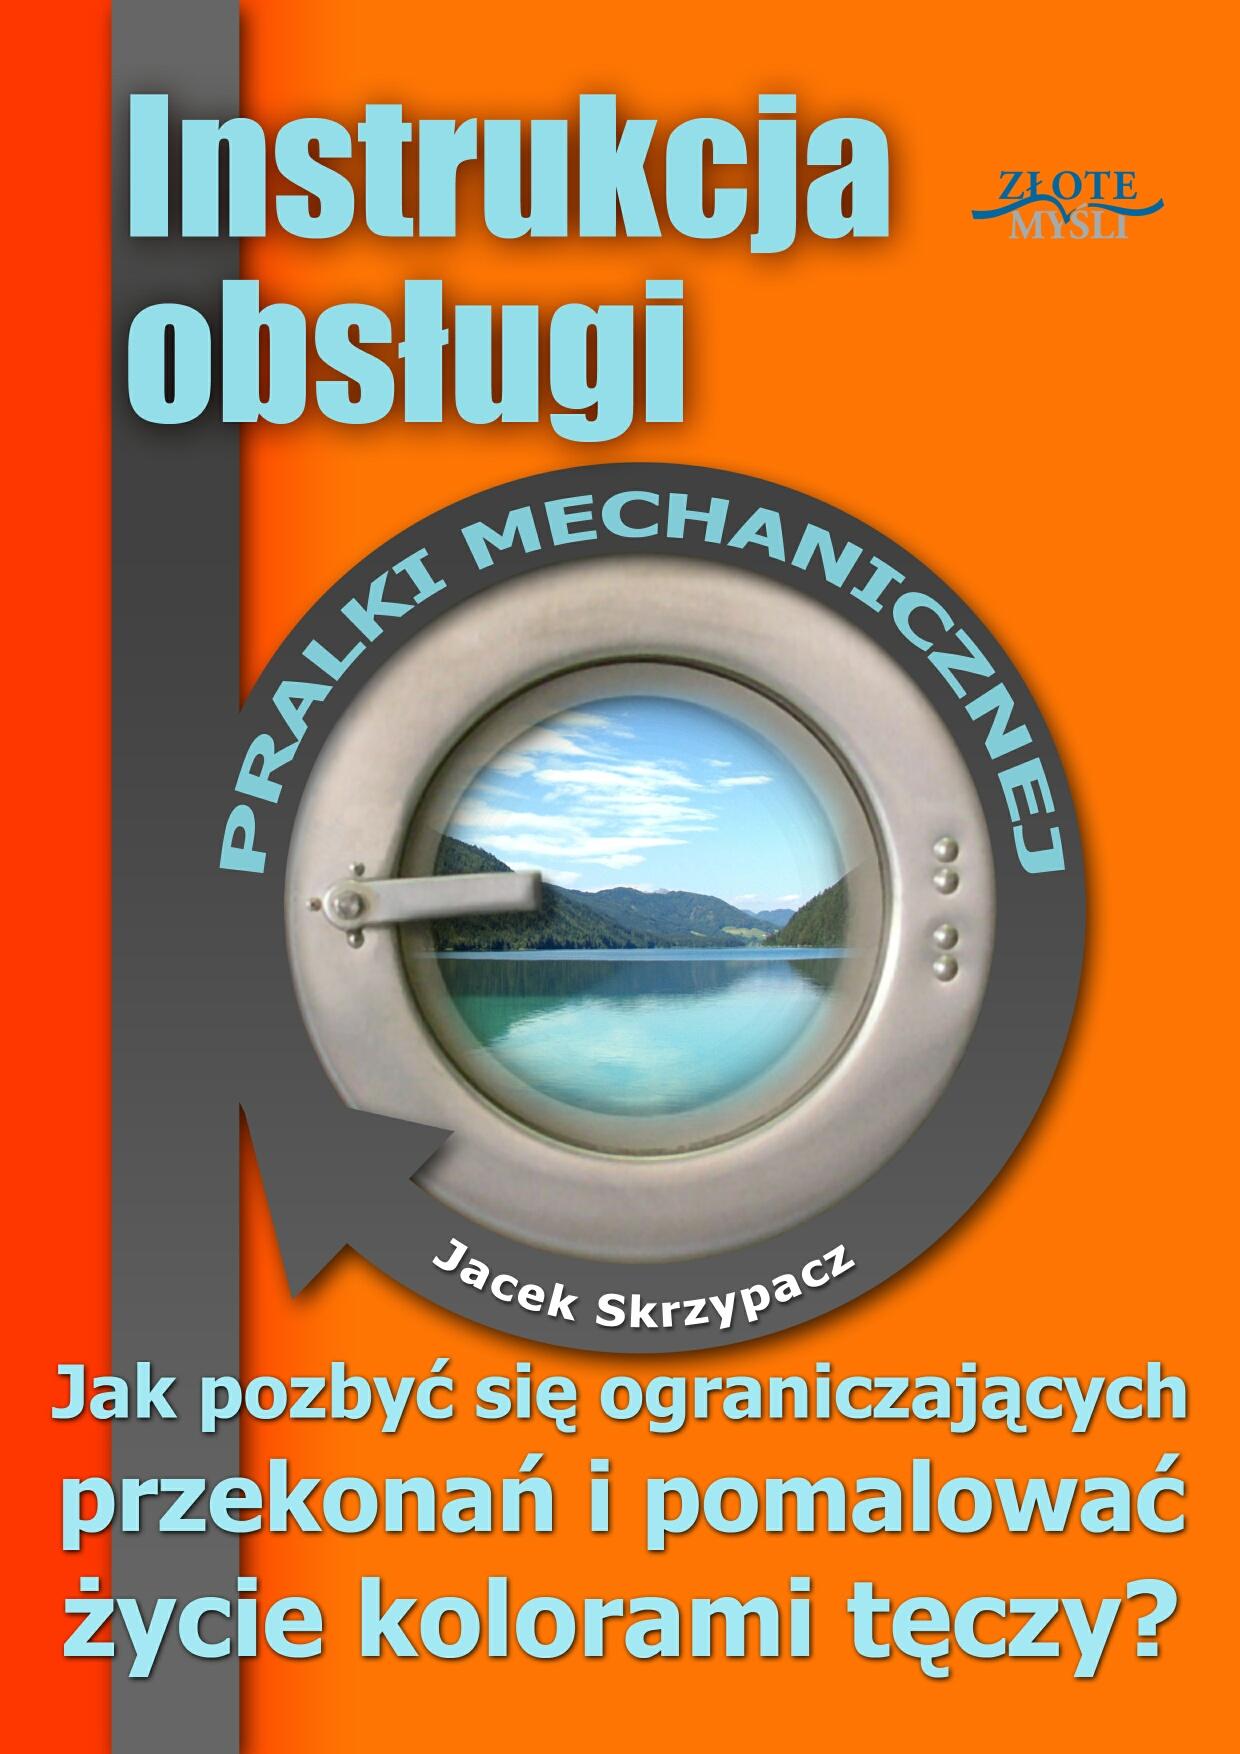 Jacek Skrzypacz: Instrukcja obsługi pralki mechanicznej - okładka